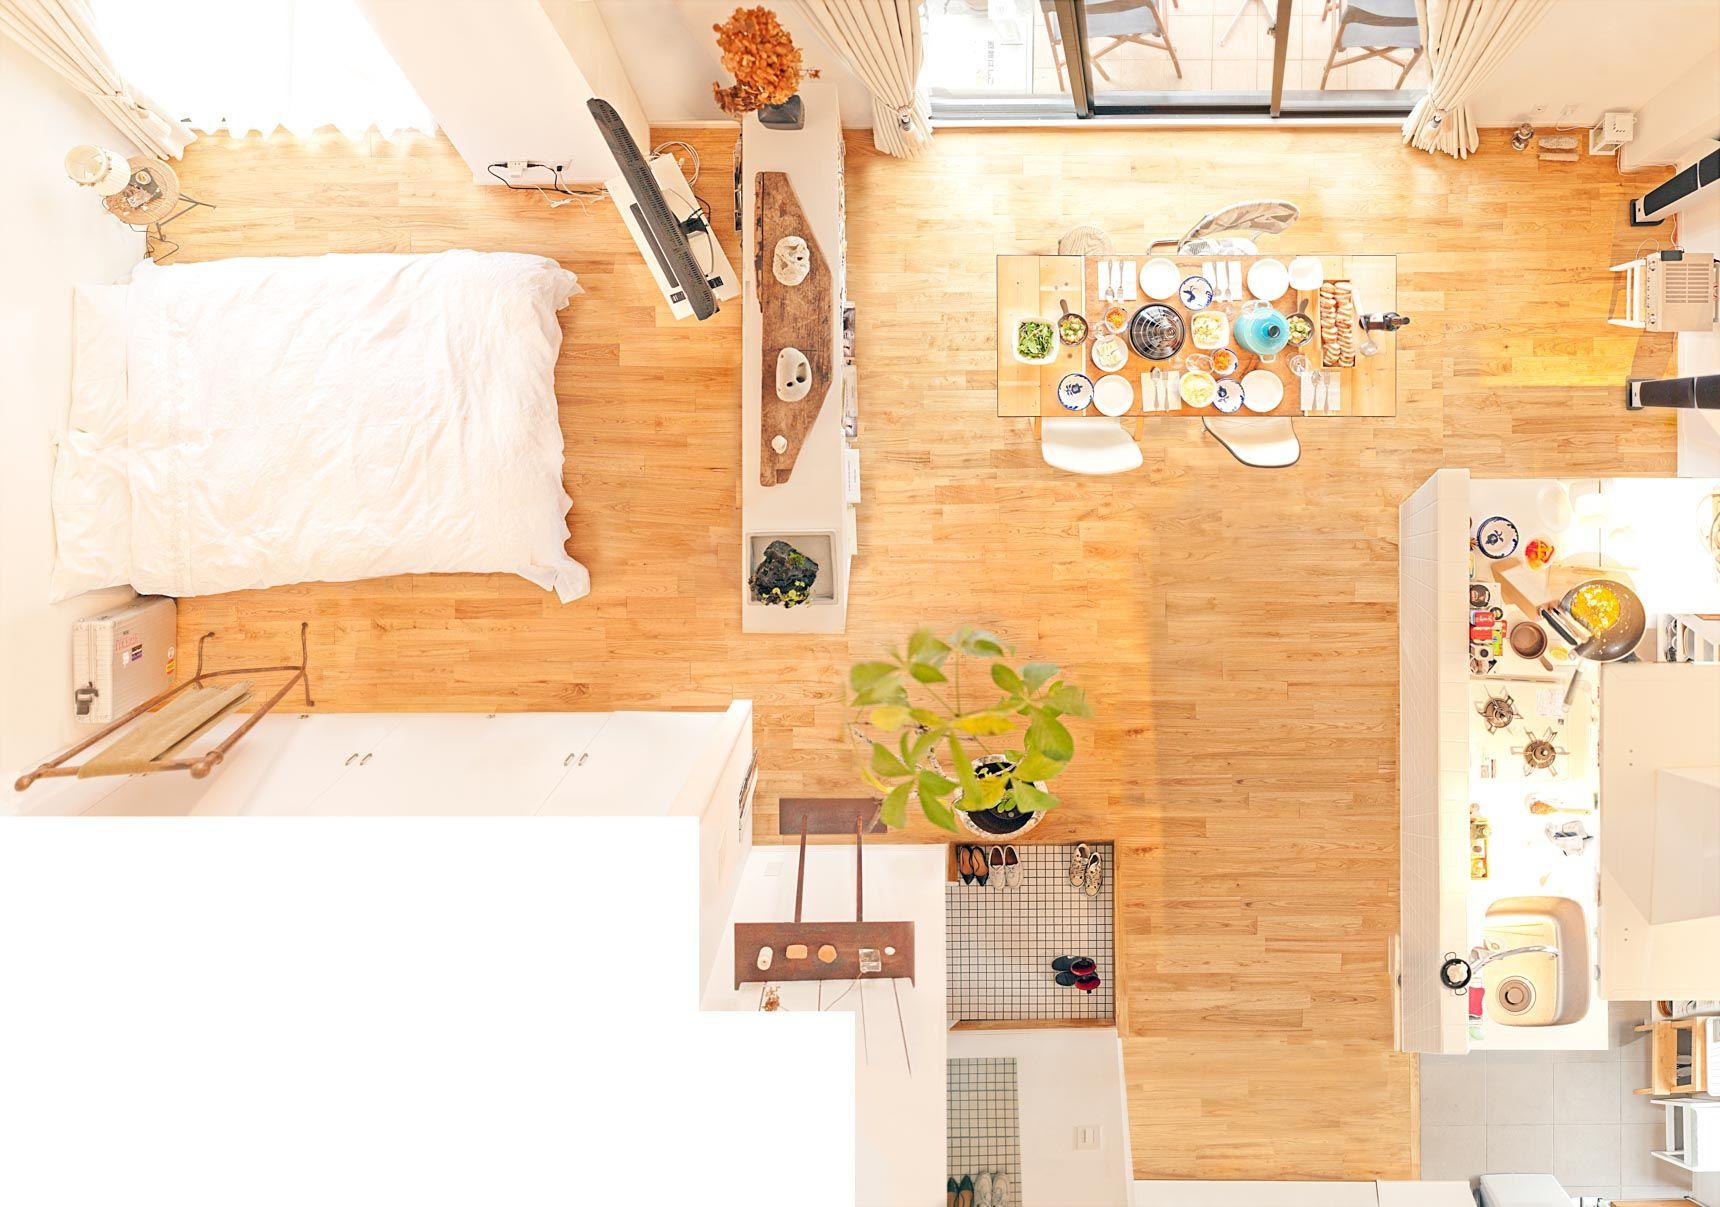 狭くても諦めない 賃貸 間取りのチョイスと家具配置の実例まとめ インテリア 1dk ふたり暮らし インテリア インテリア 一人暮らし 1ldk